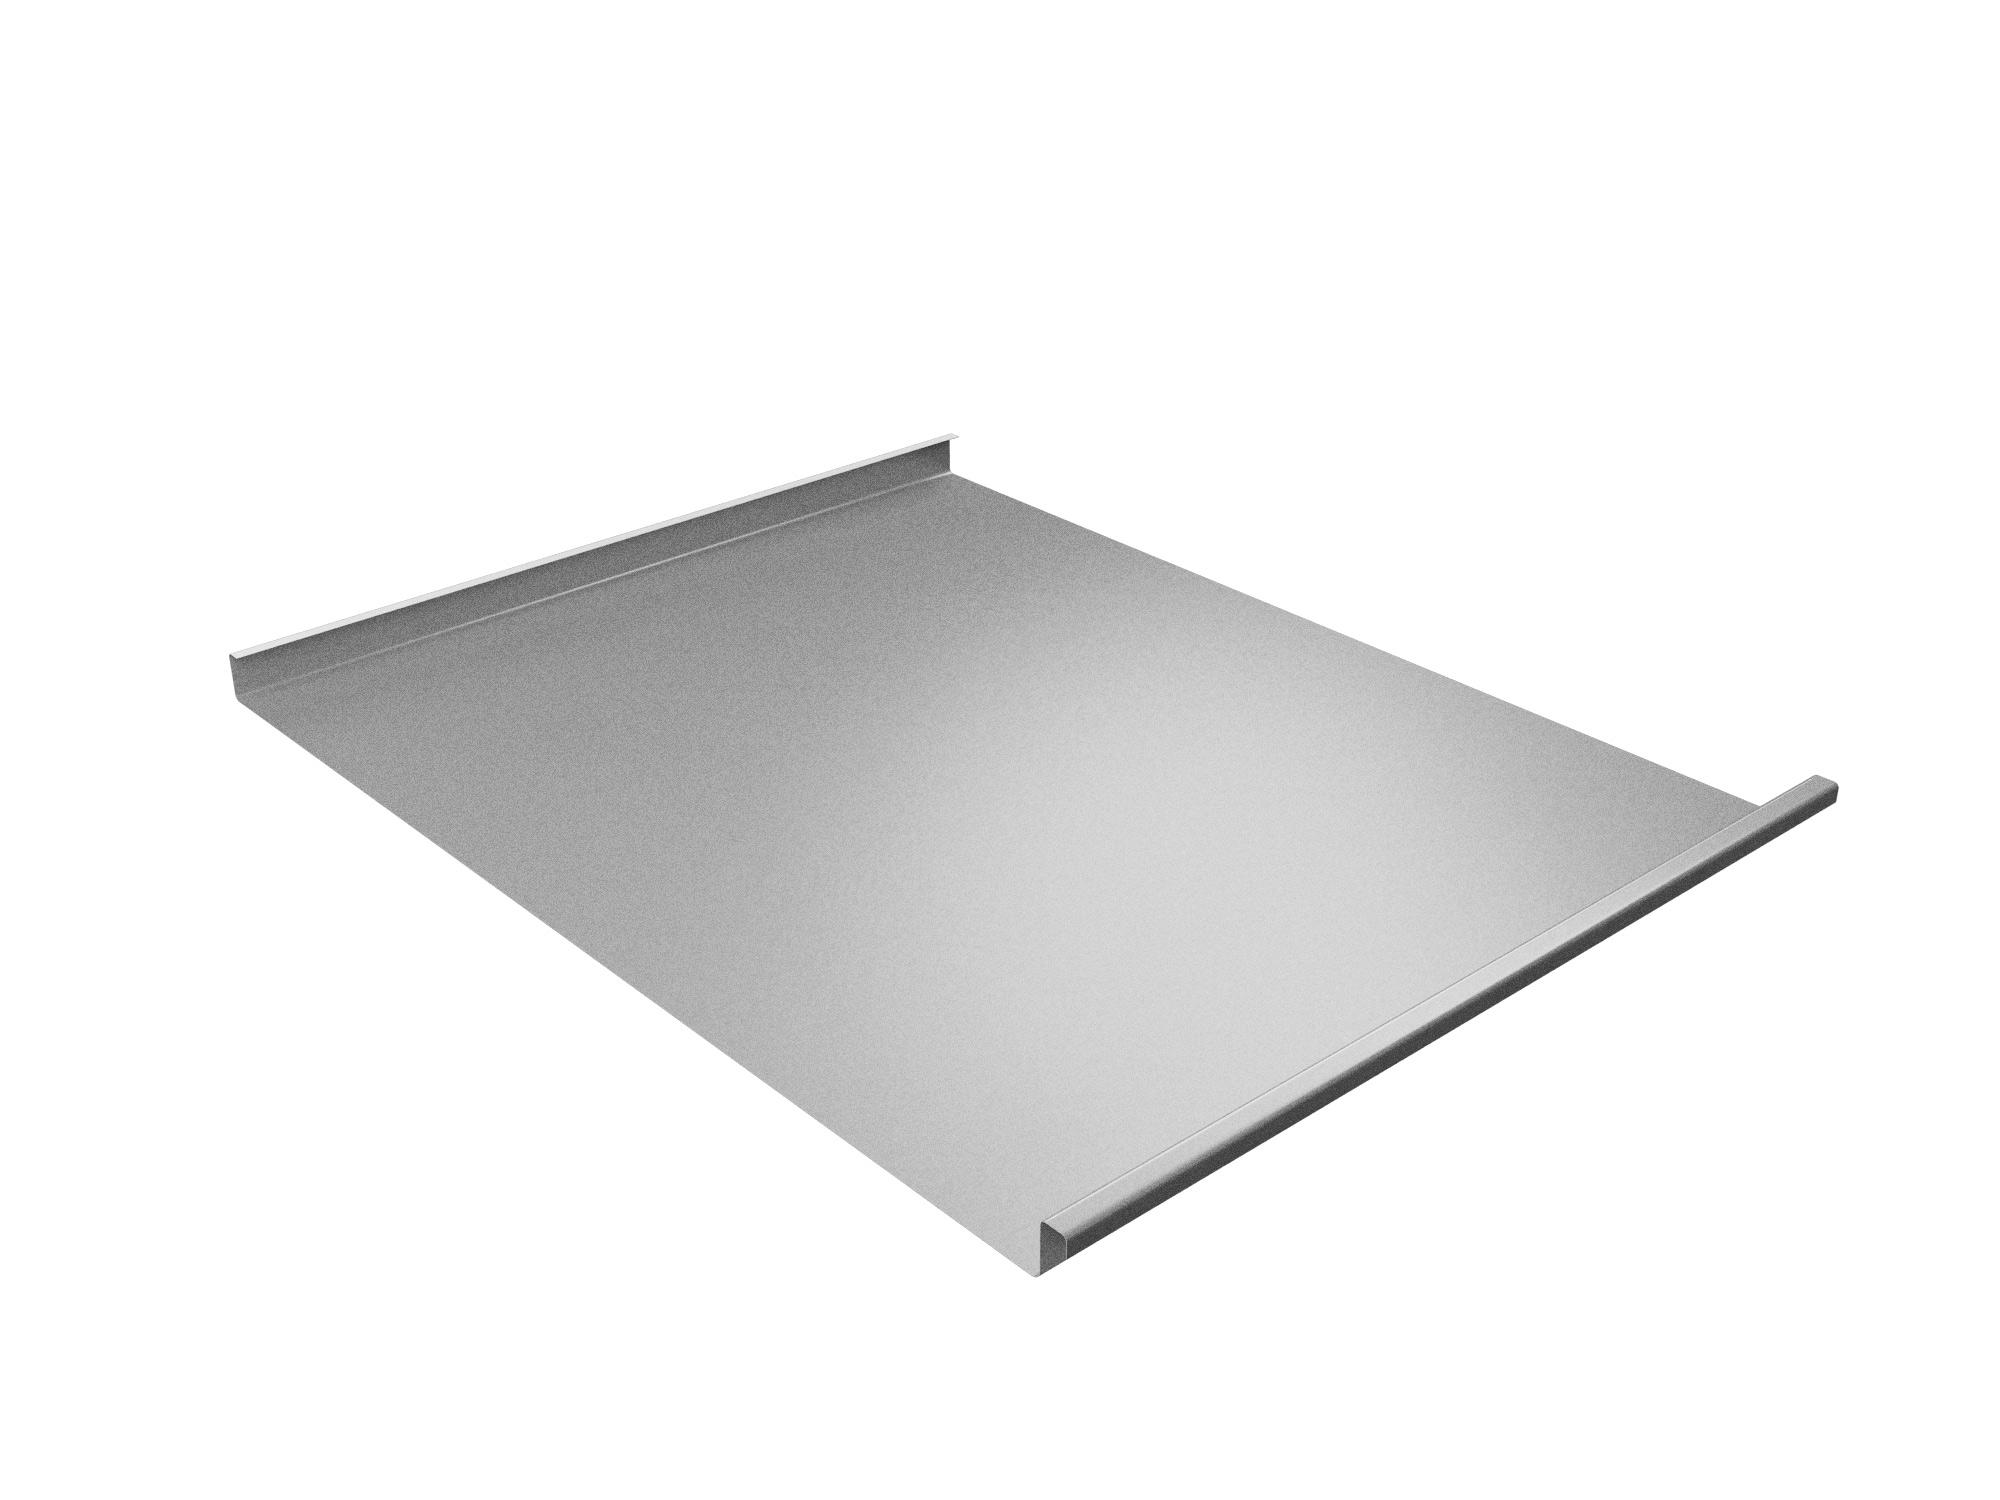 Панель двойной стоячий фальц Grand Line 0,5 мм, Zn